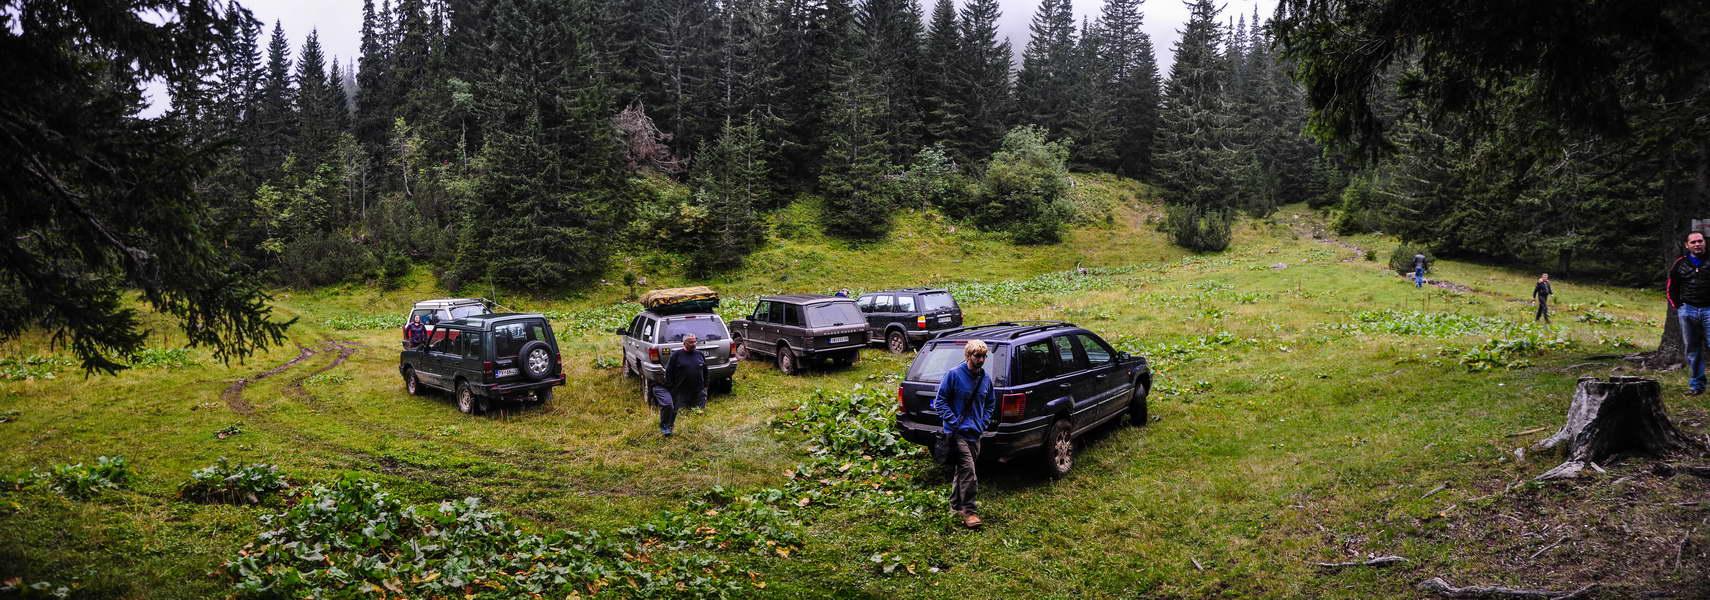 Jezerac, sjajno mesto za kampovanje